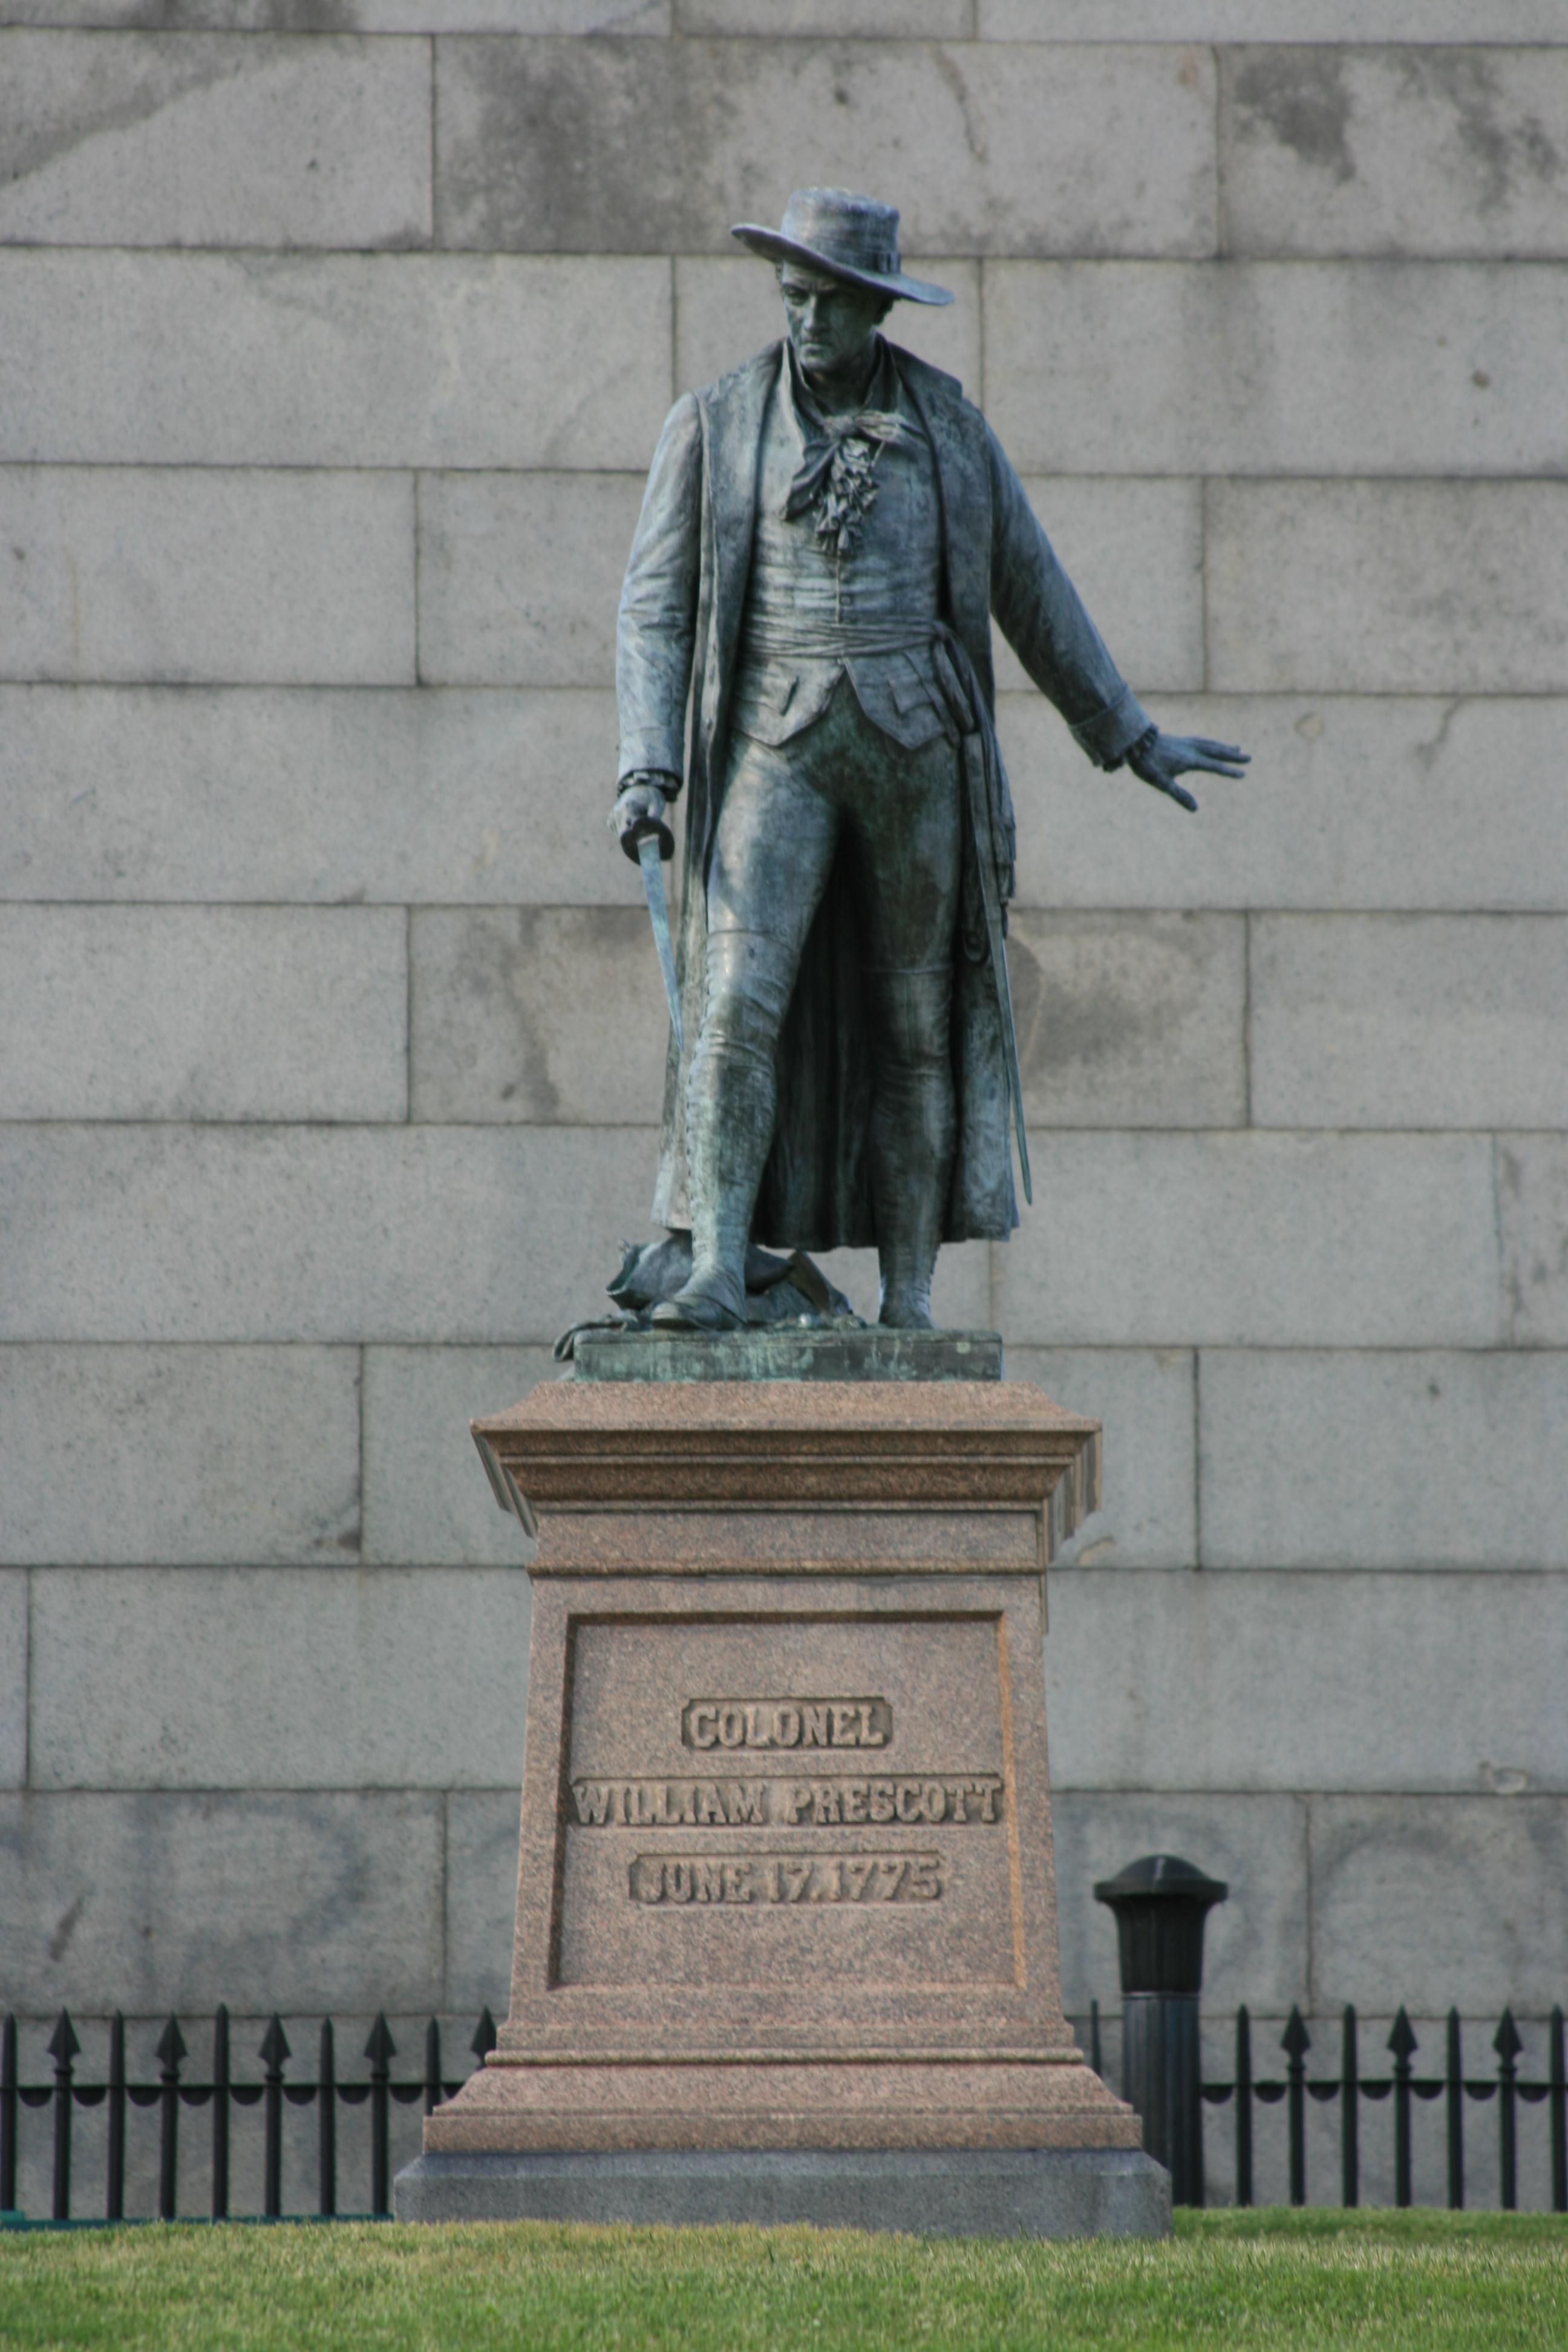 Colonel William Prescott Bunker Hill